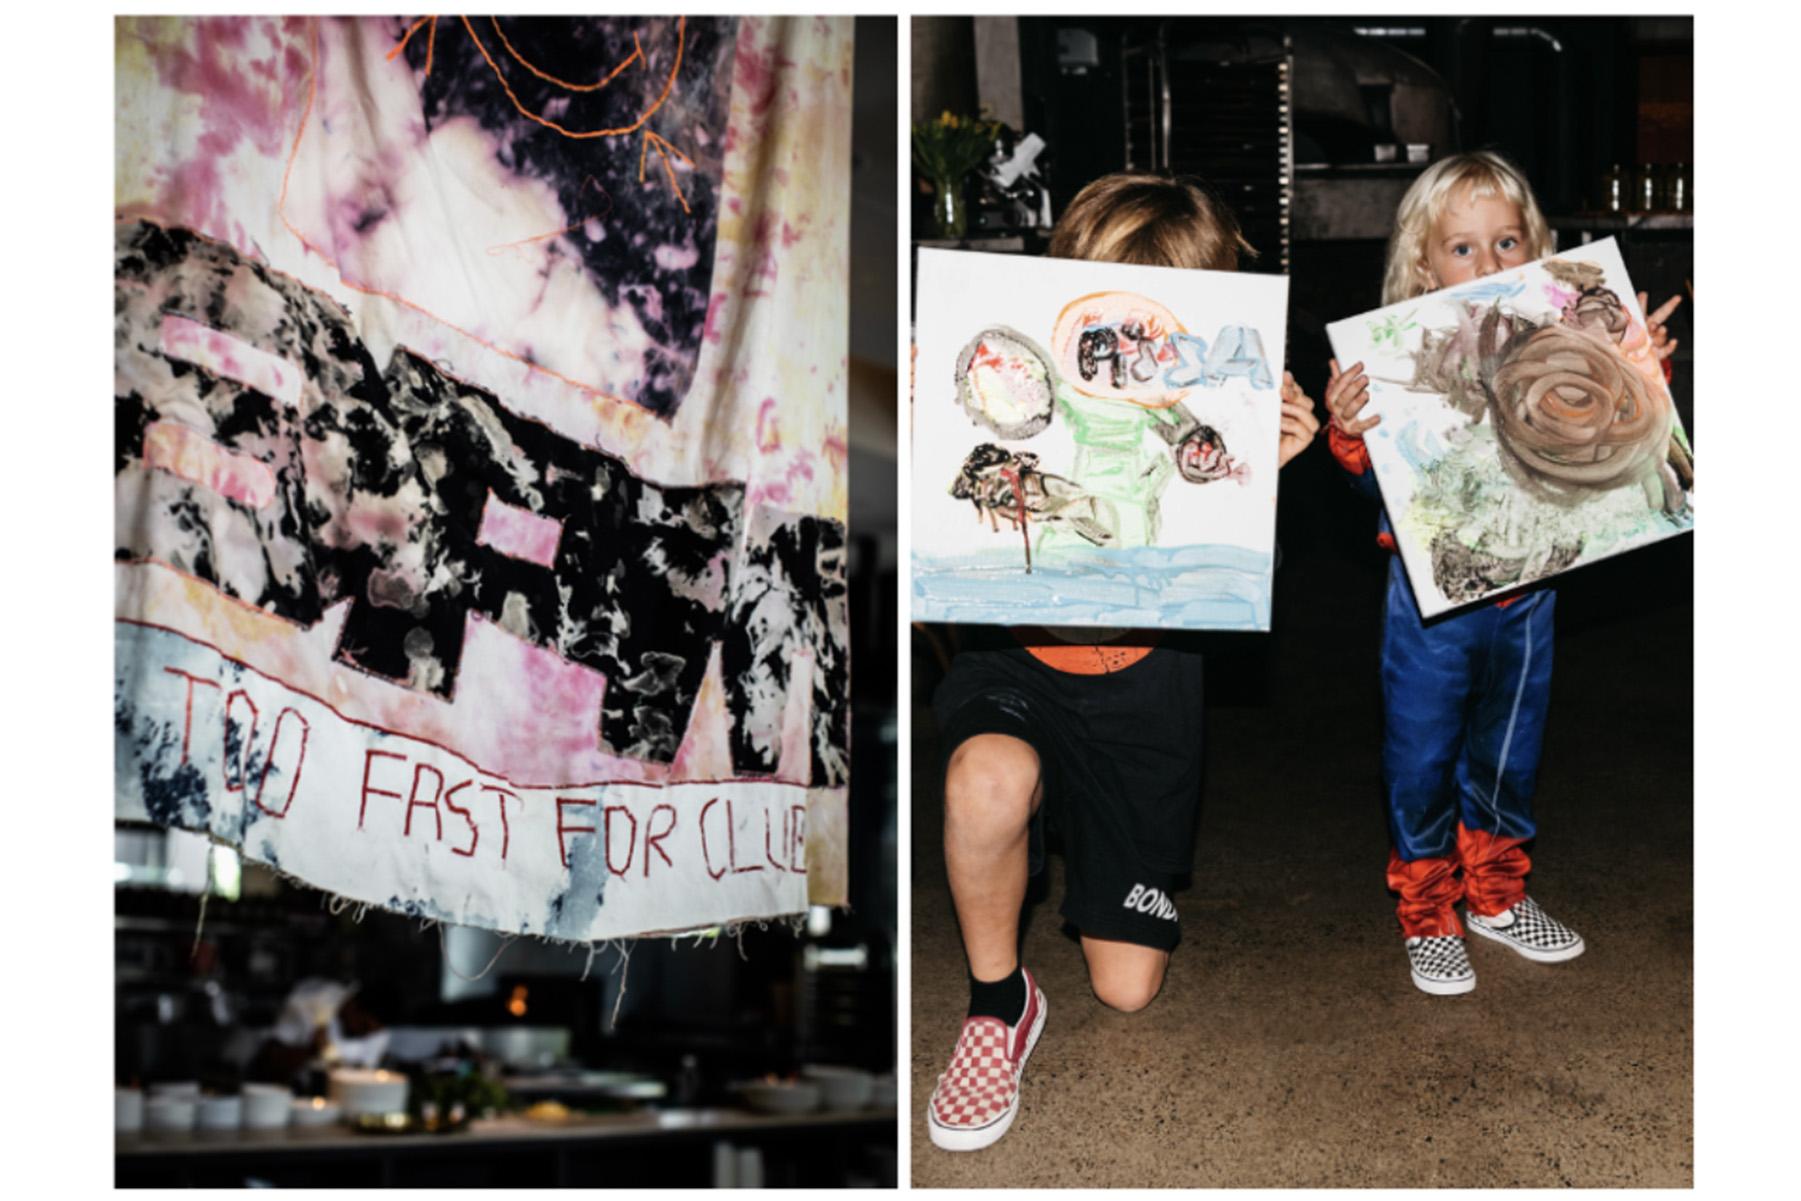 cicciabella kids art prize